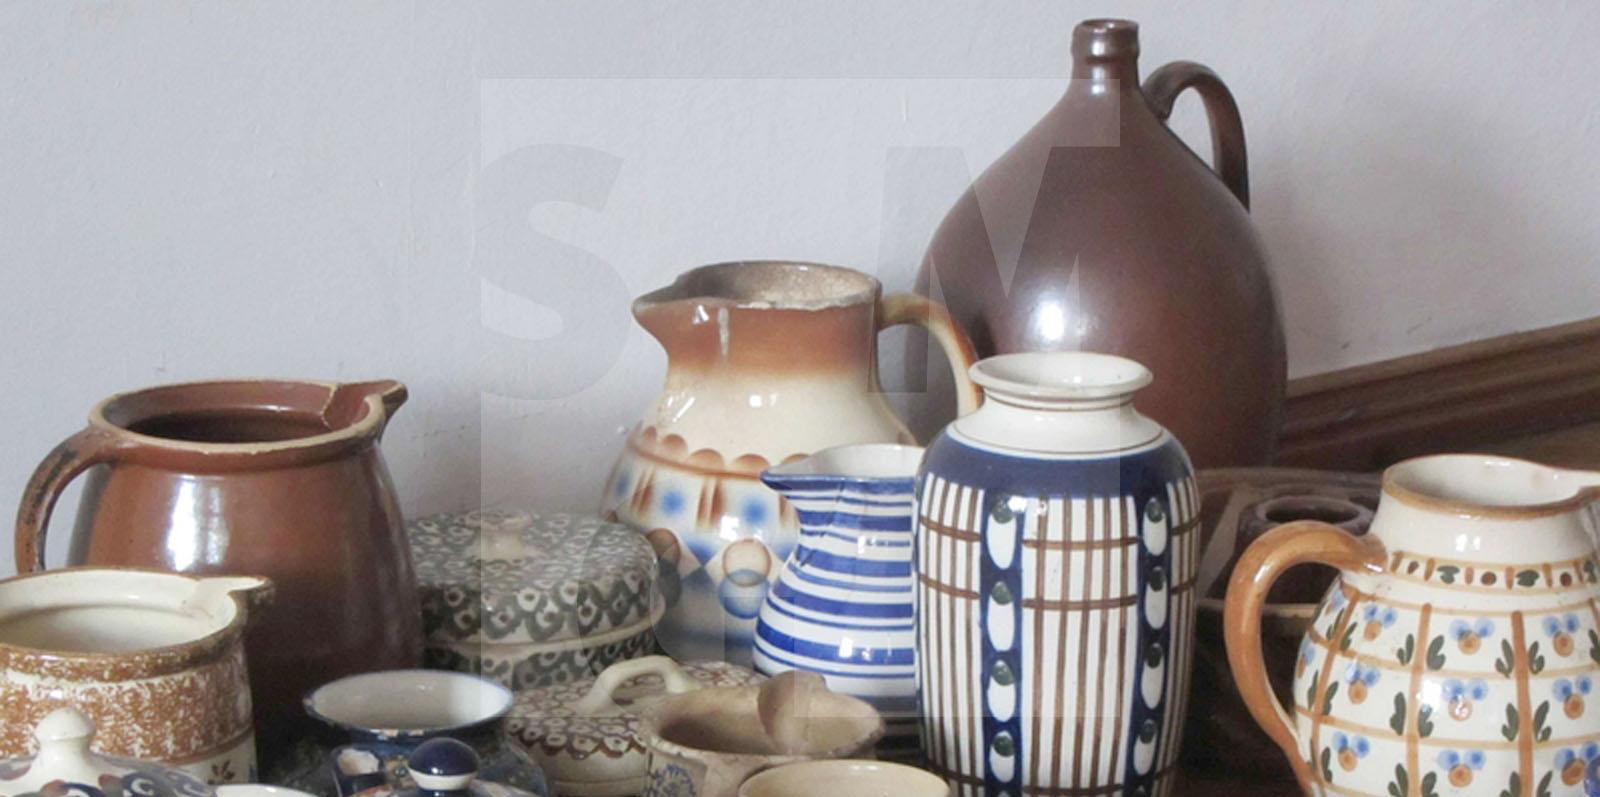 Hauptbild Bunzlauer Keramik